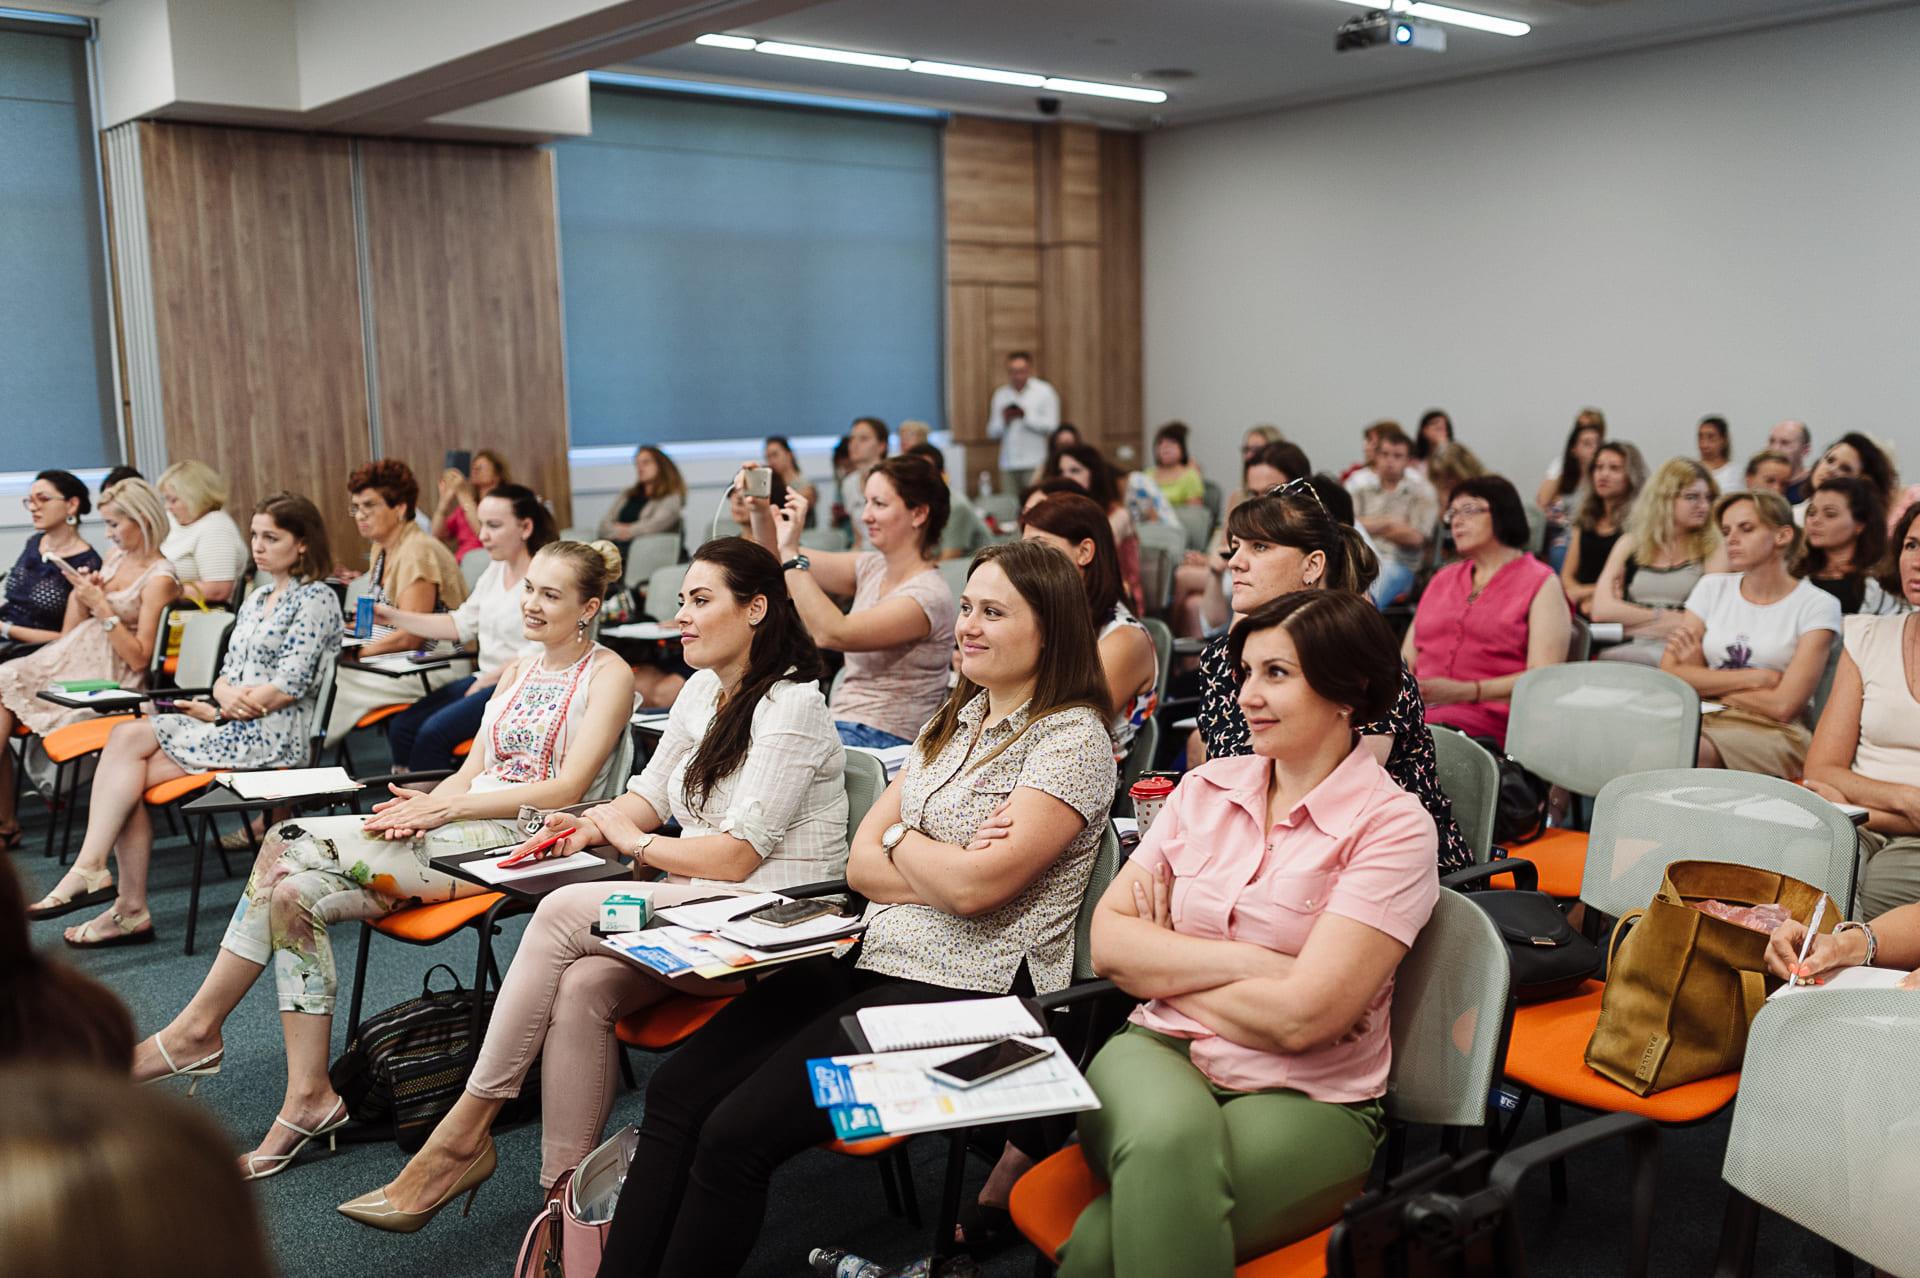 Конференция АРИТ аккредитована! 6 баллов НМО для гостей конференции 26 июня 2021 г.